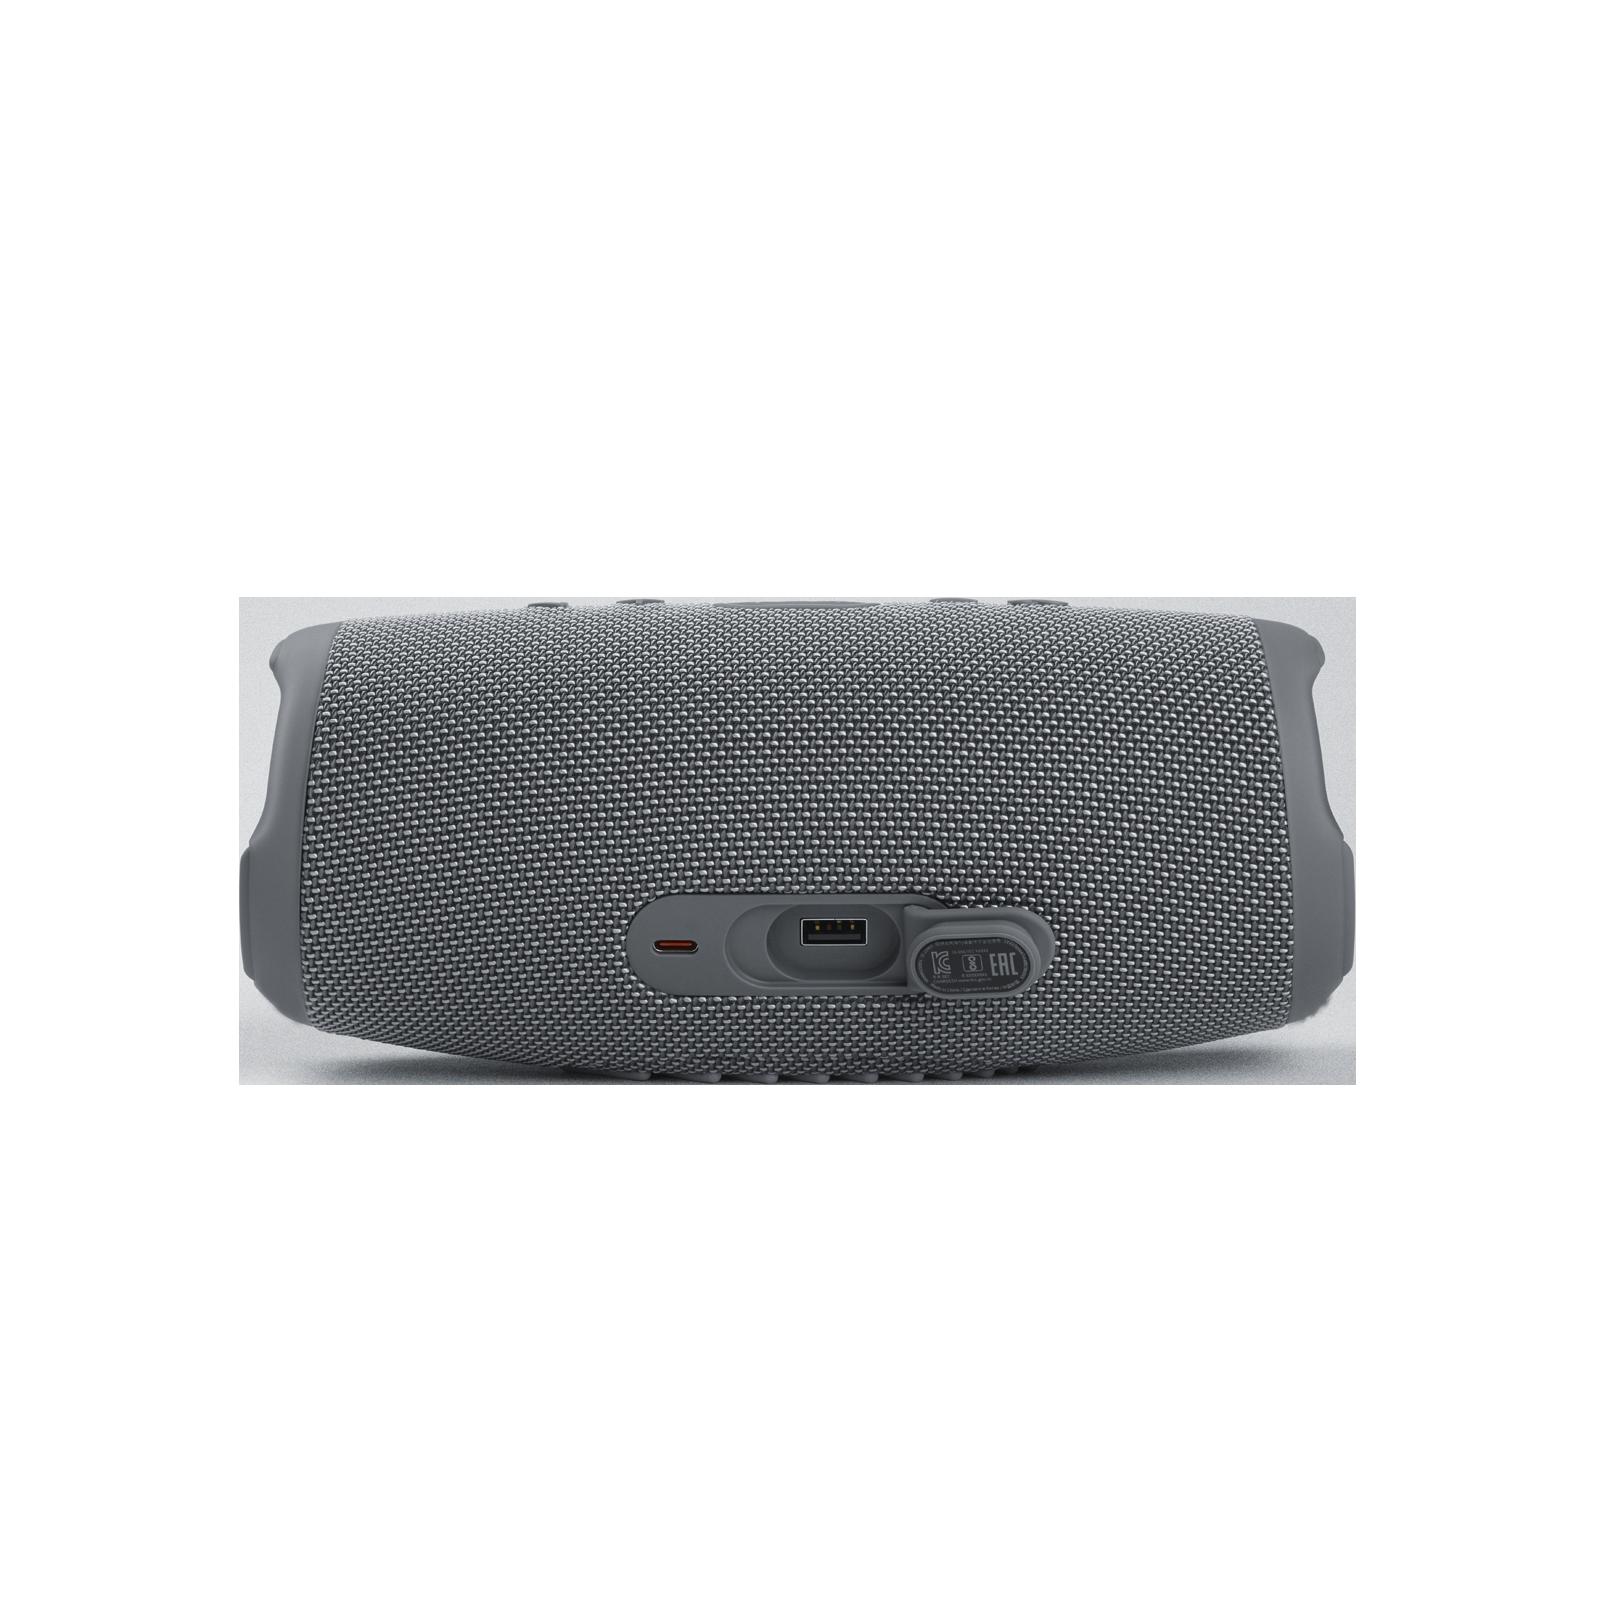 JBL Charge 5 - Grey - Portable Waterproof Speaker with Powerbank - Detailshot 1